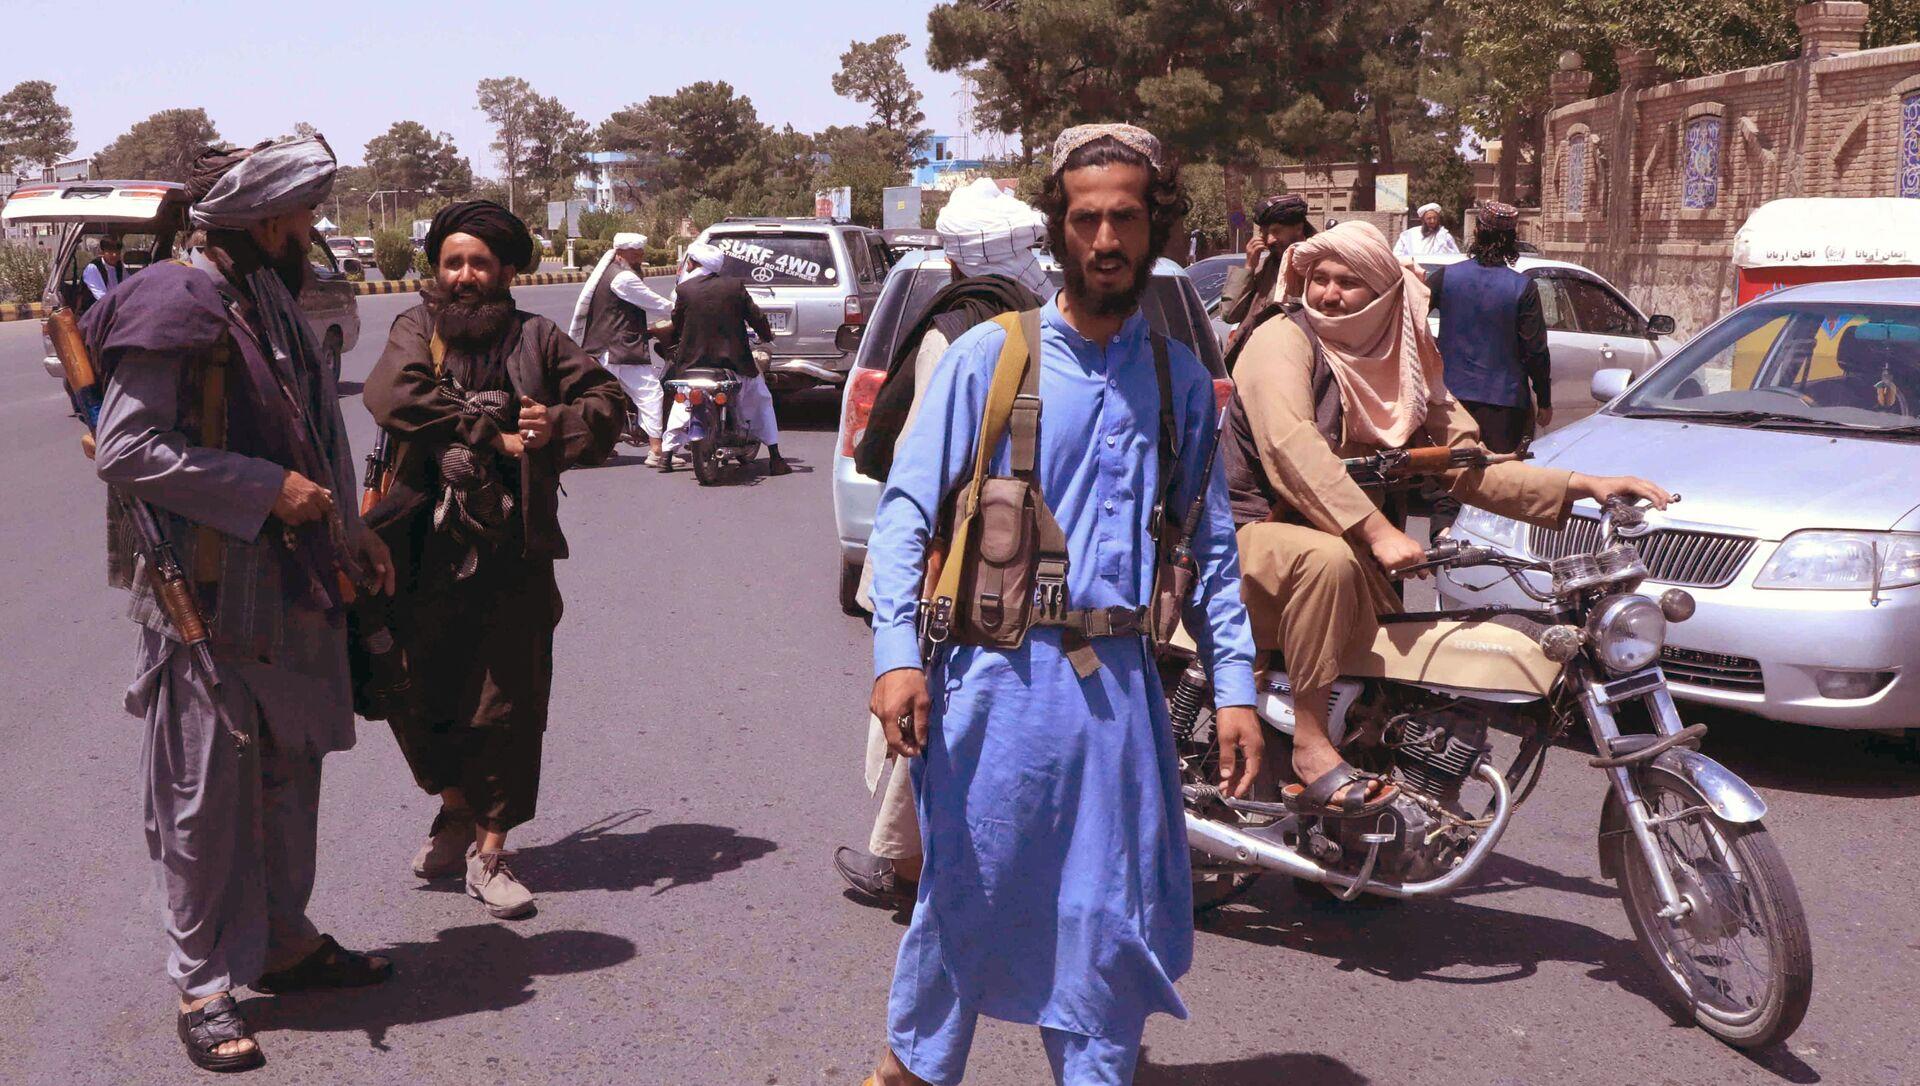 Боевики движения Талибан в Афганистане, фото аз архива - Sputnik Azərbaycan, 1920, 15.08.2021